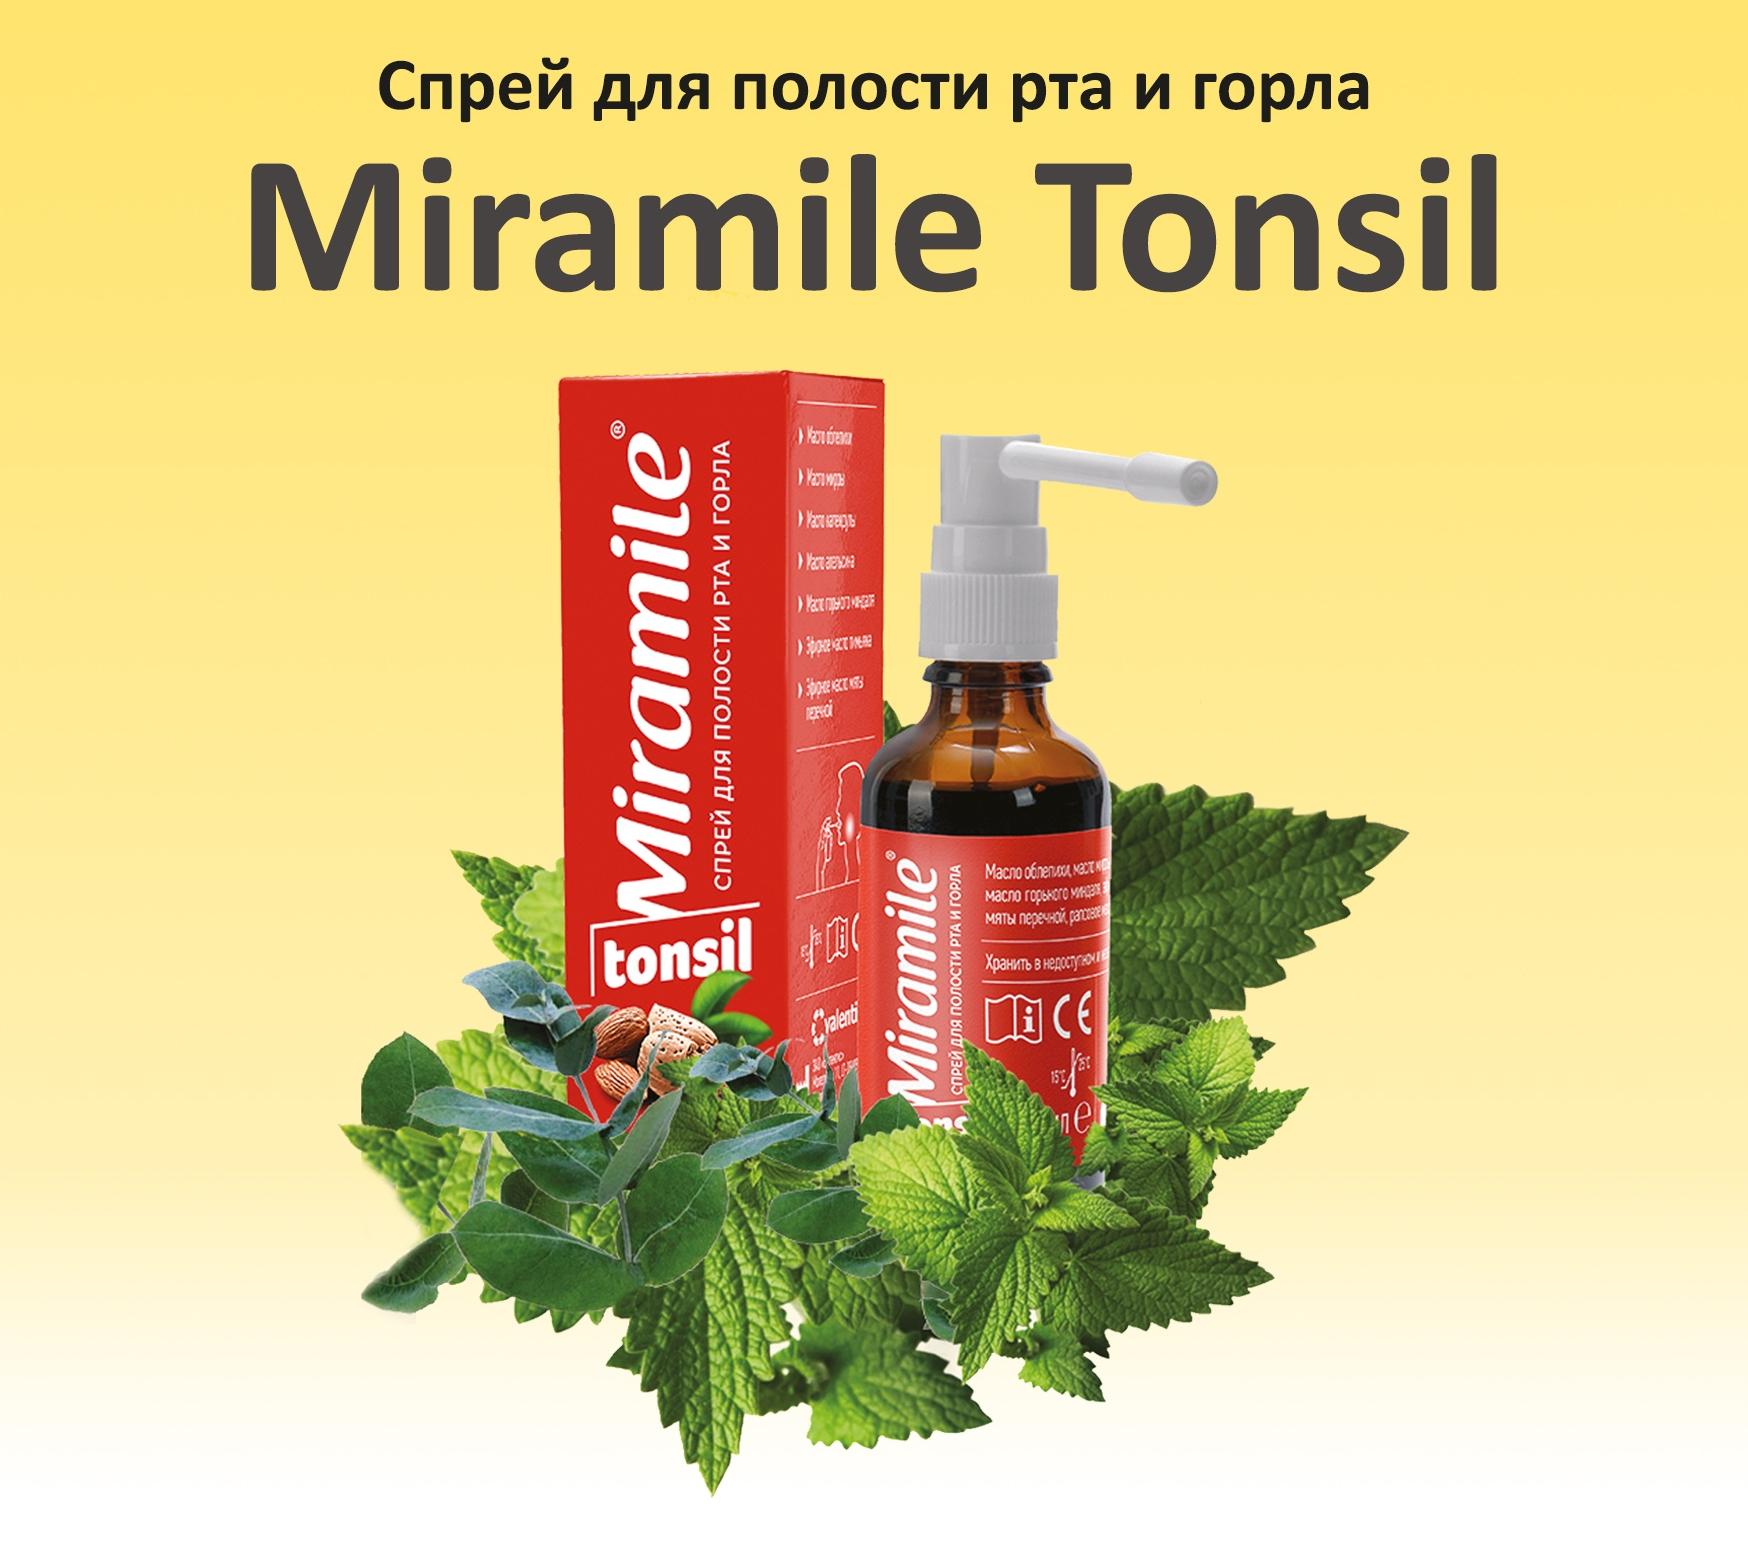 Miramile_A5 (1)